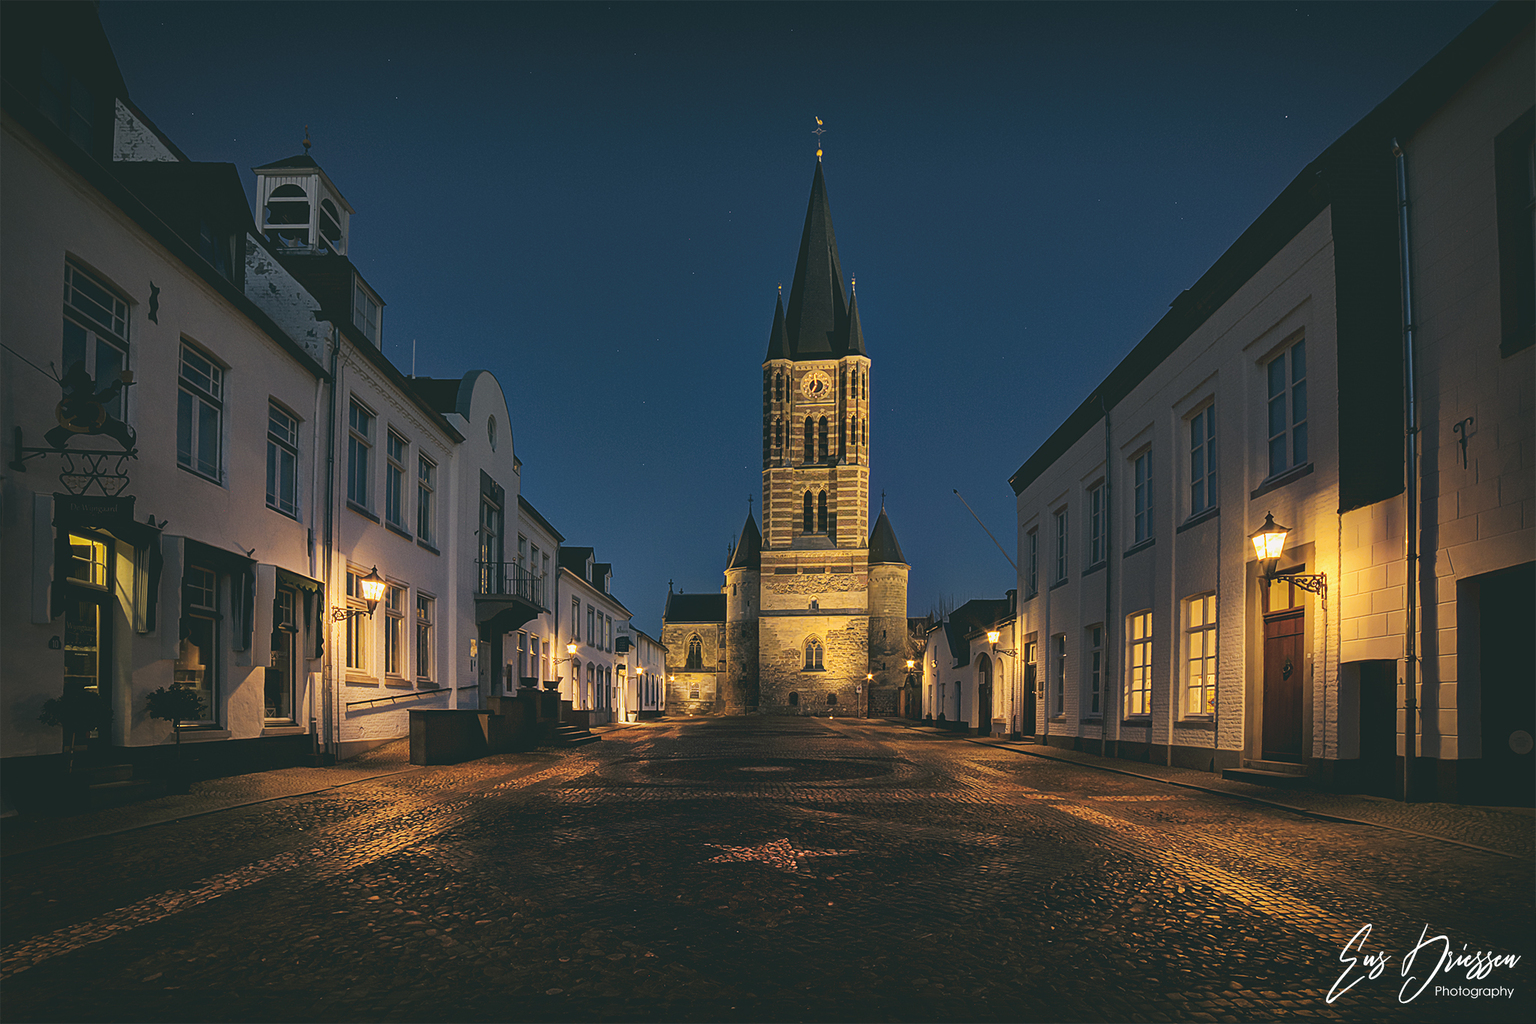 De Wijngaard Thorn - Thorn is een klein stadje in het westelijke deel van Limburg op de westelijke oever van de Maas. Thorn staat bekend als het witte stadje dit logische - foto door EusDriessen op 12-04-2021 - locatie: 6017 Thorn, Nederland - deze foto bevat: thorn, witte stadje, limburg, avondfotografie, historisch, kerk, abdij, hdr, venster, lucht, gebouw, weg oppervlak, verlichting, schemer, stad, middernacht, facade, weg